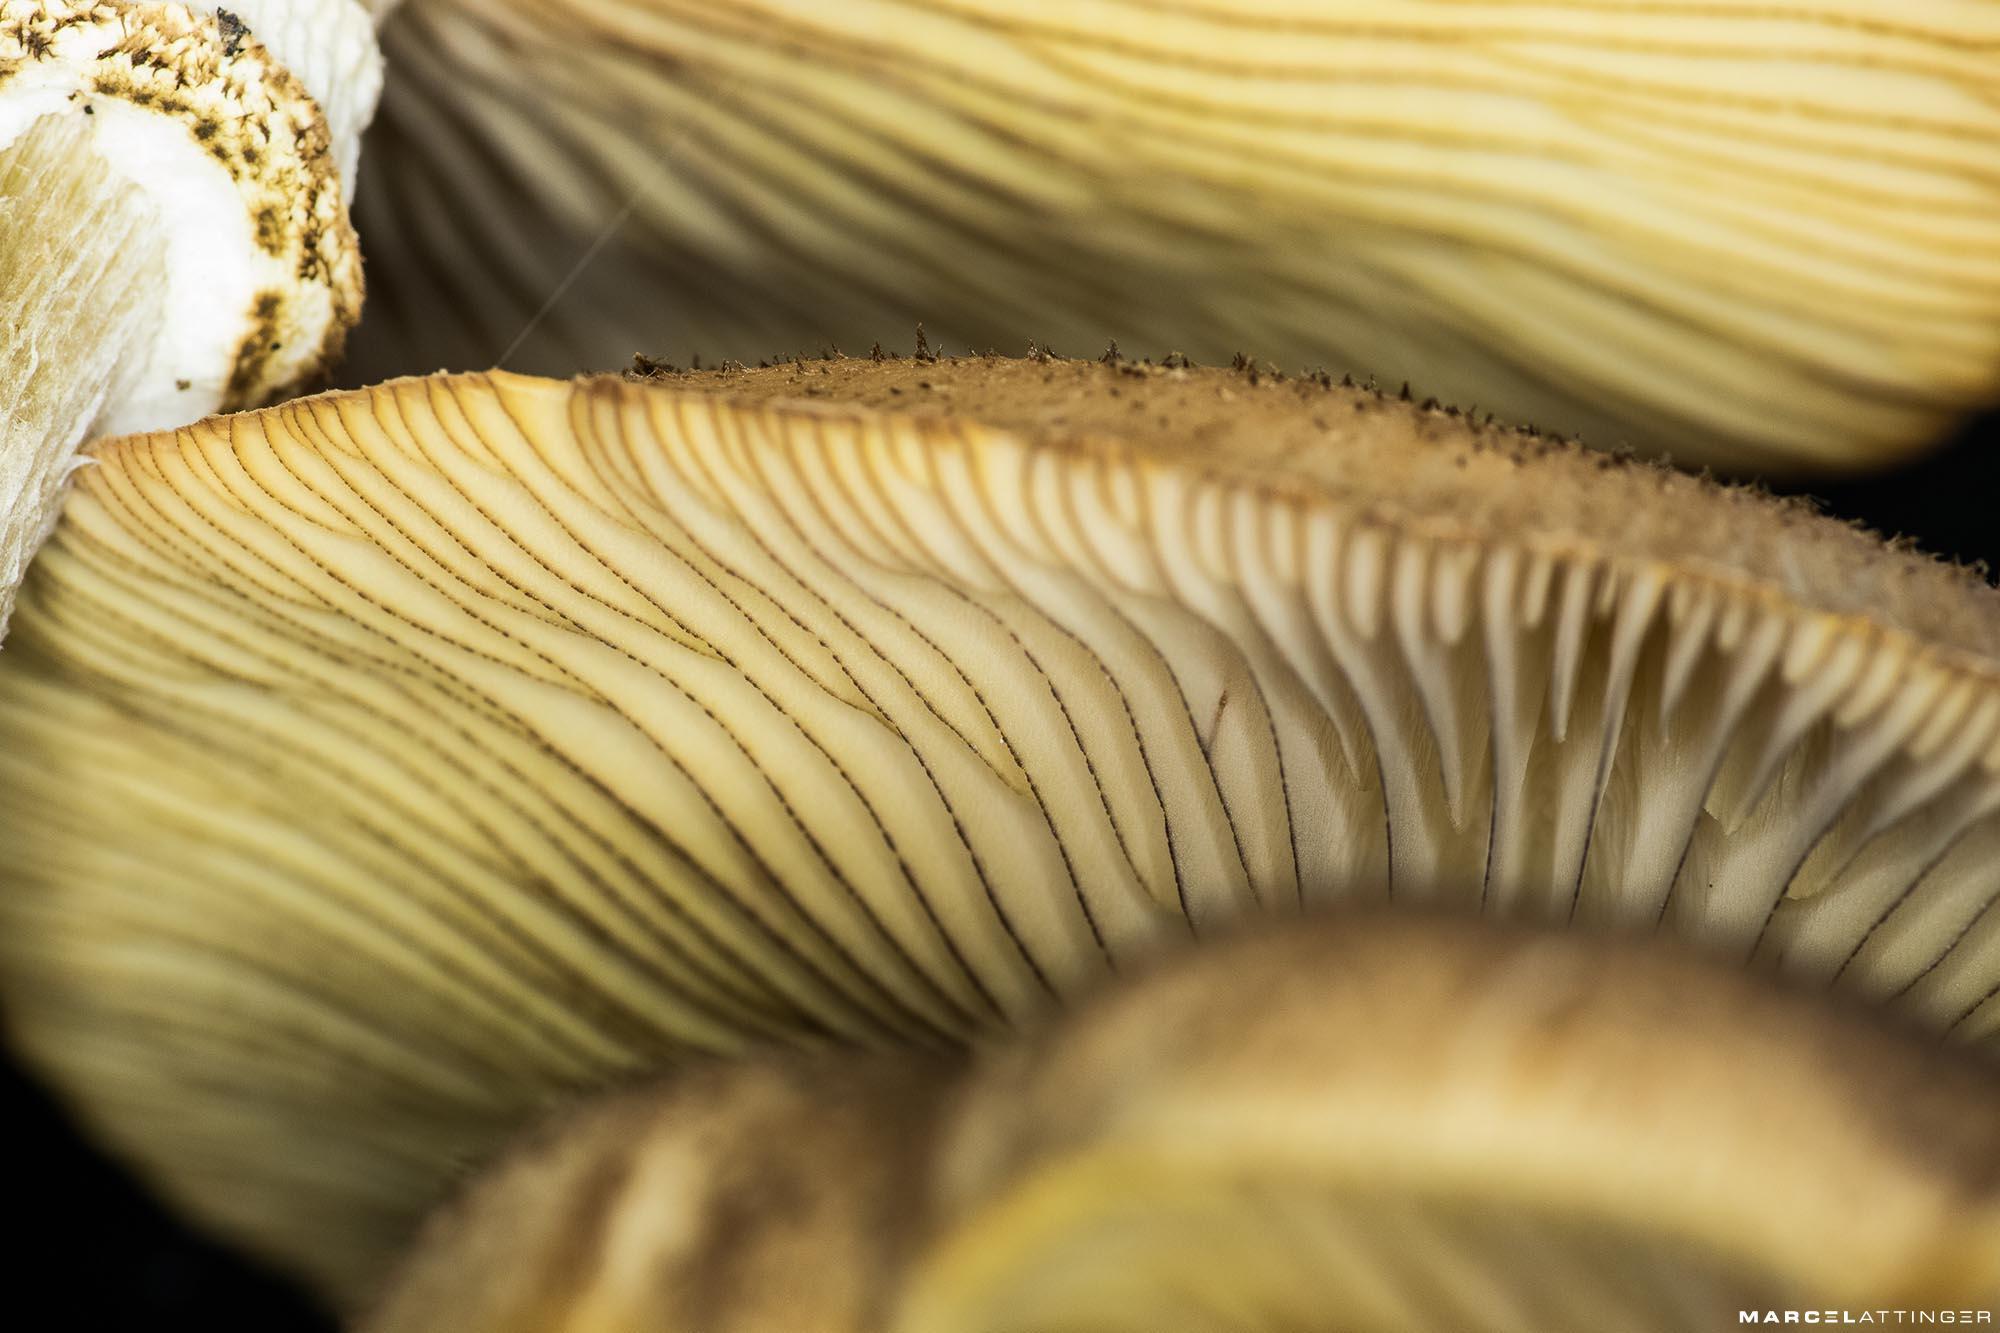 Onderkant van een groep paddenstoelen